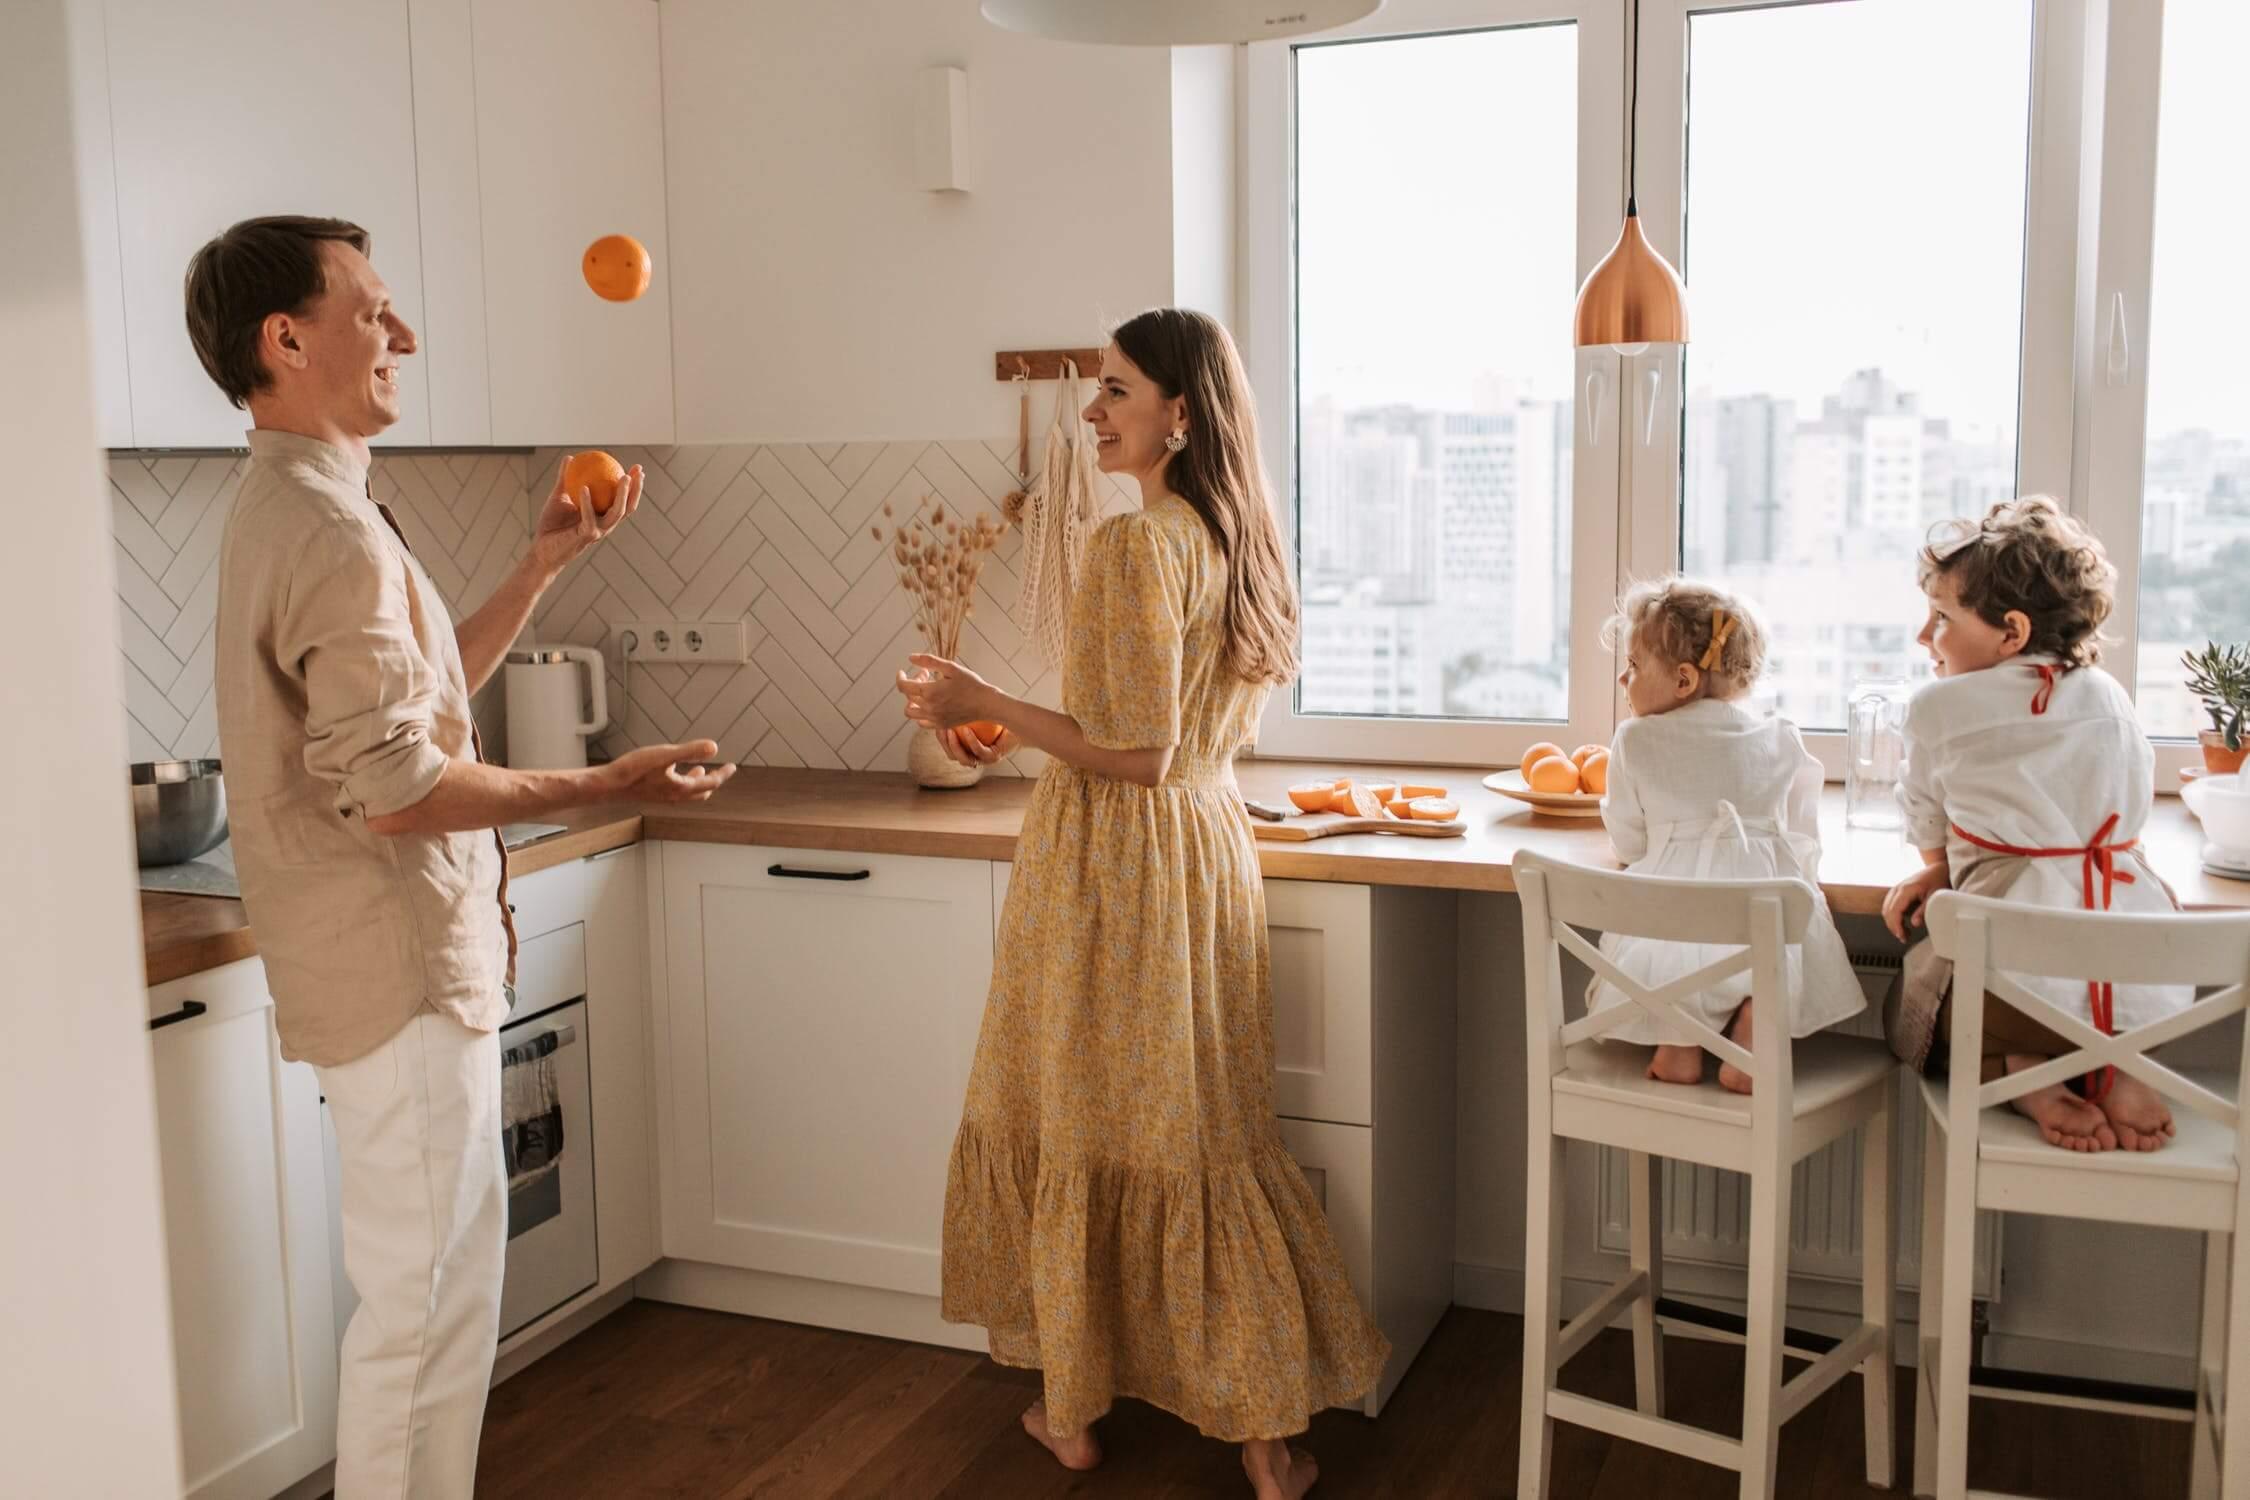 Tendencias interiorismo postcovid19, confort, calidez y bienestar en el interior del hogar, disfrutar en familia. #AnaUtrillainterioristaonline #Diseñoparaelbienestar